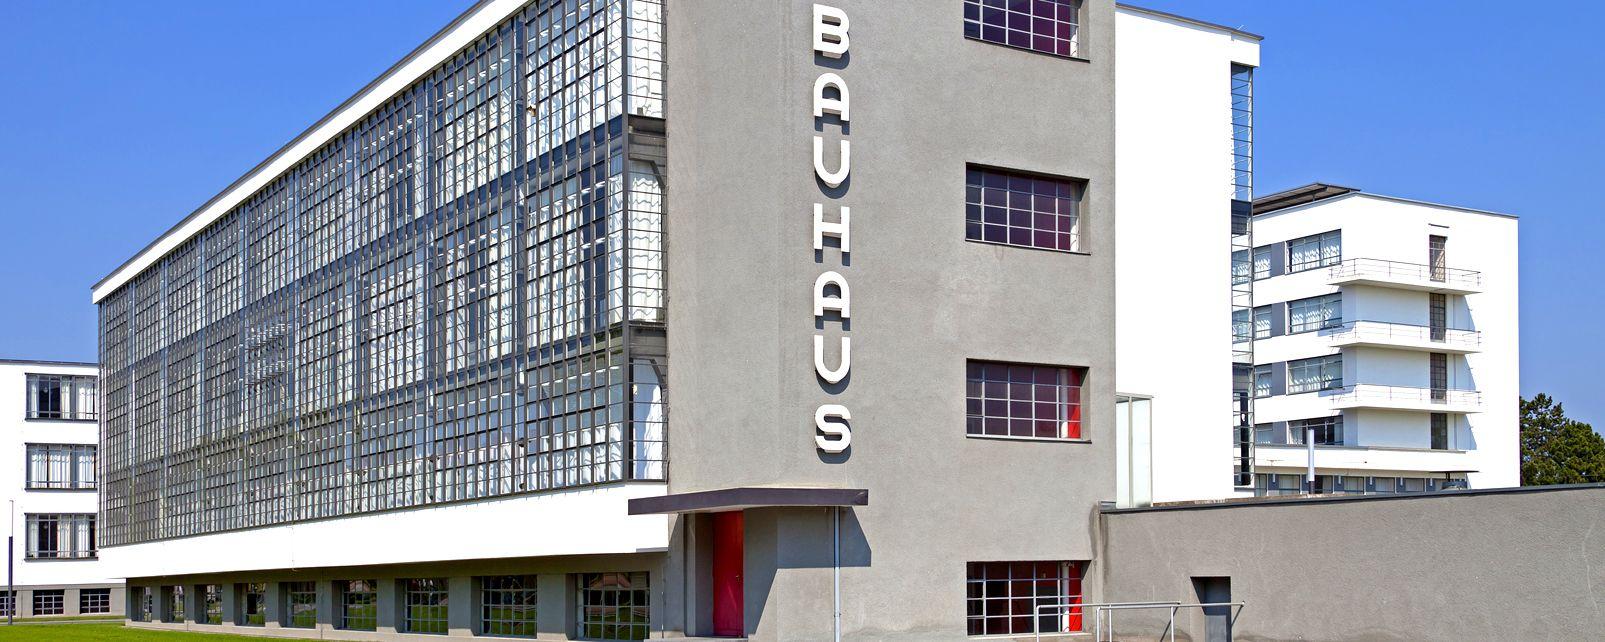 El edificio Bauhaus en Dessau, La Bauhaus, Arte y cultura, Alemania